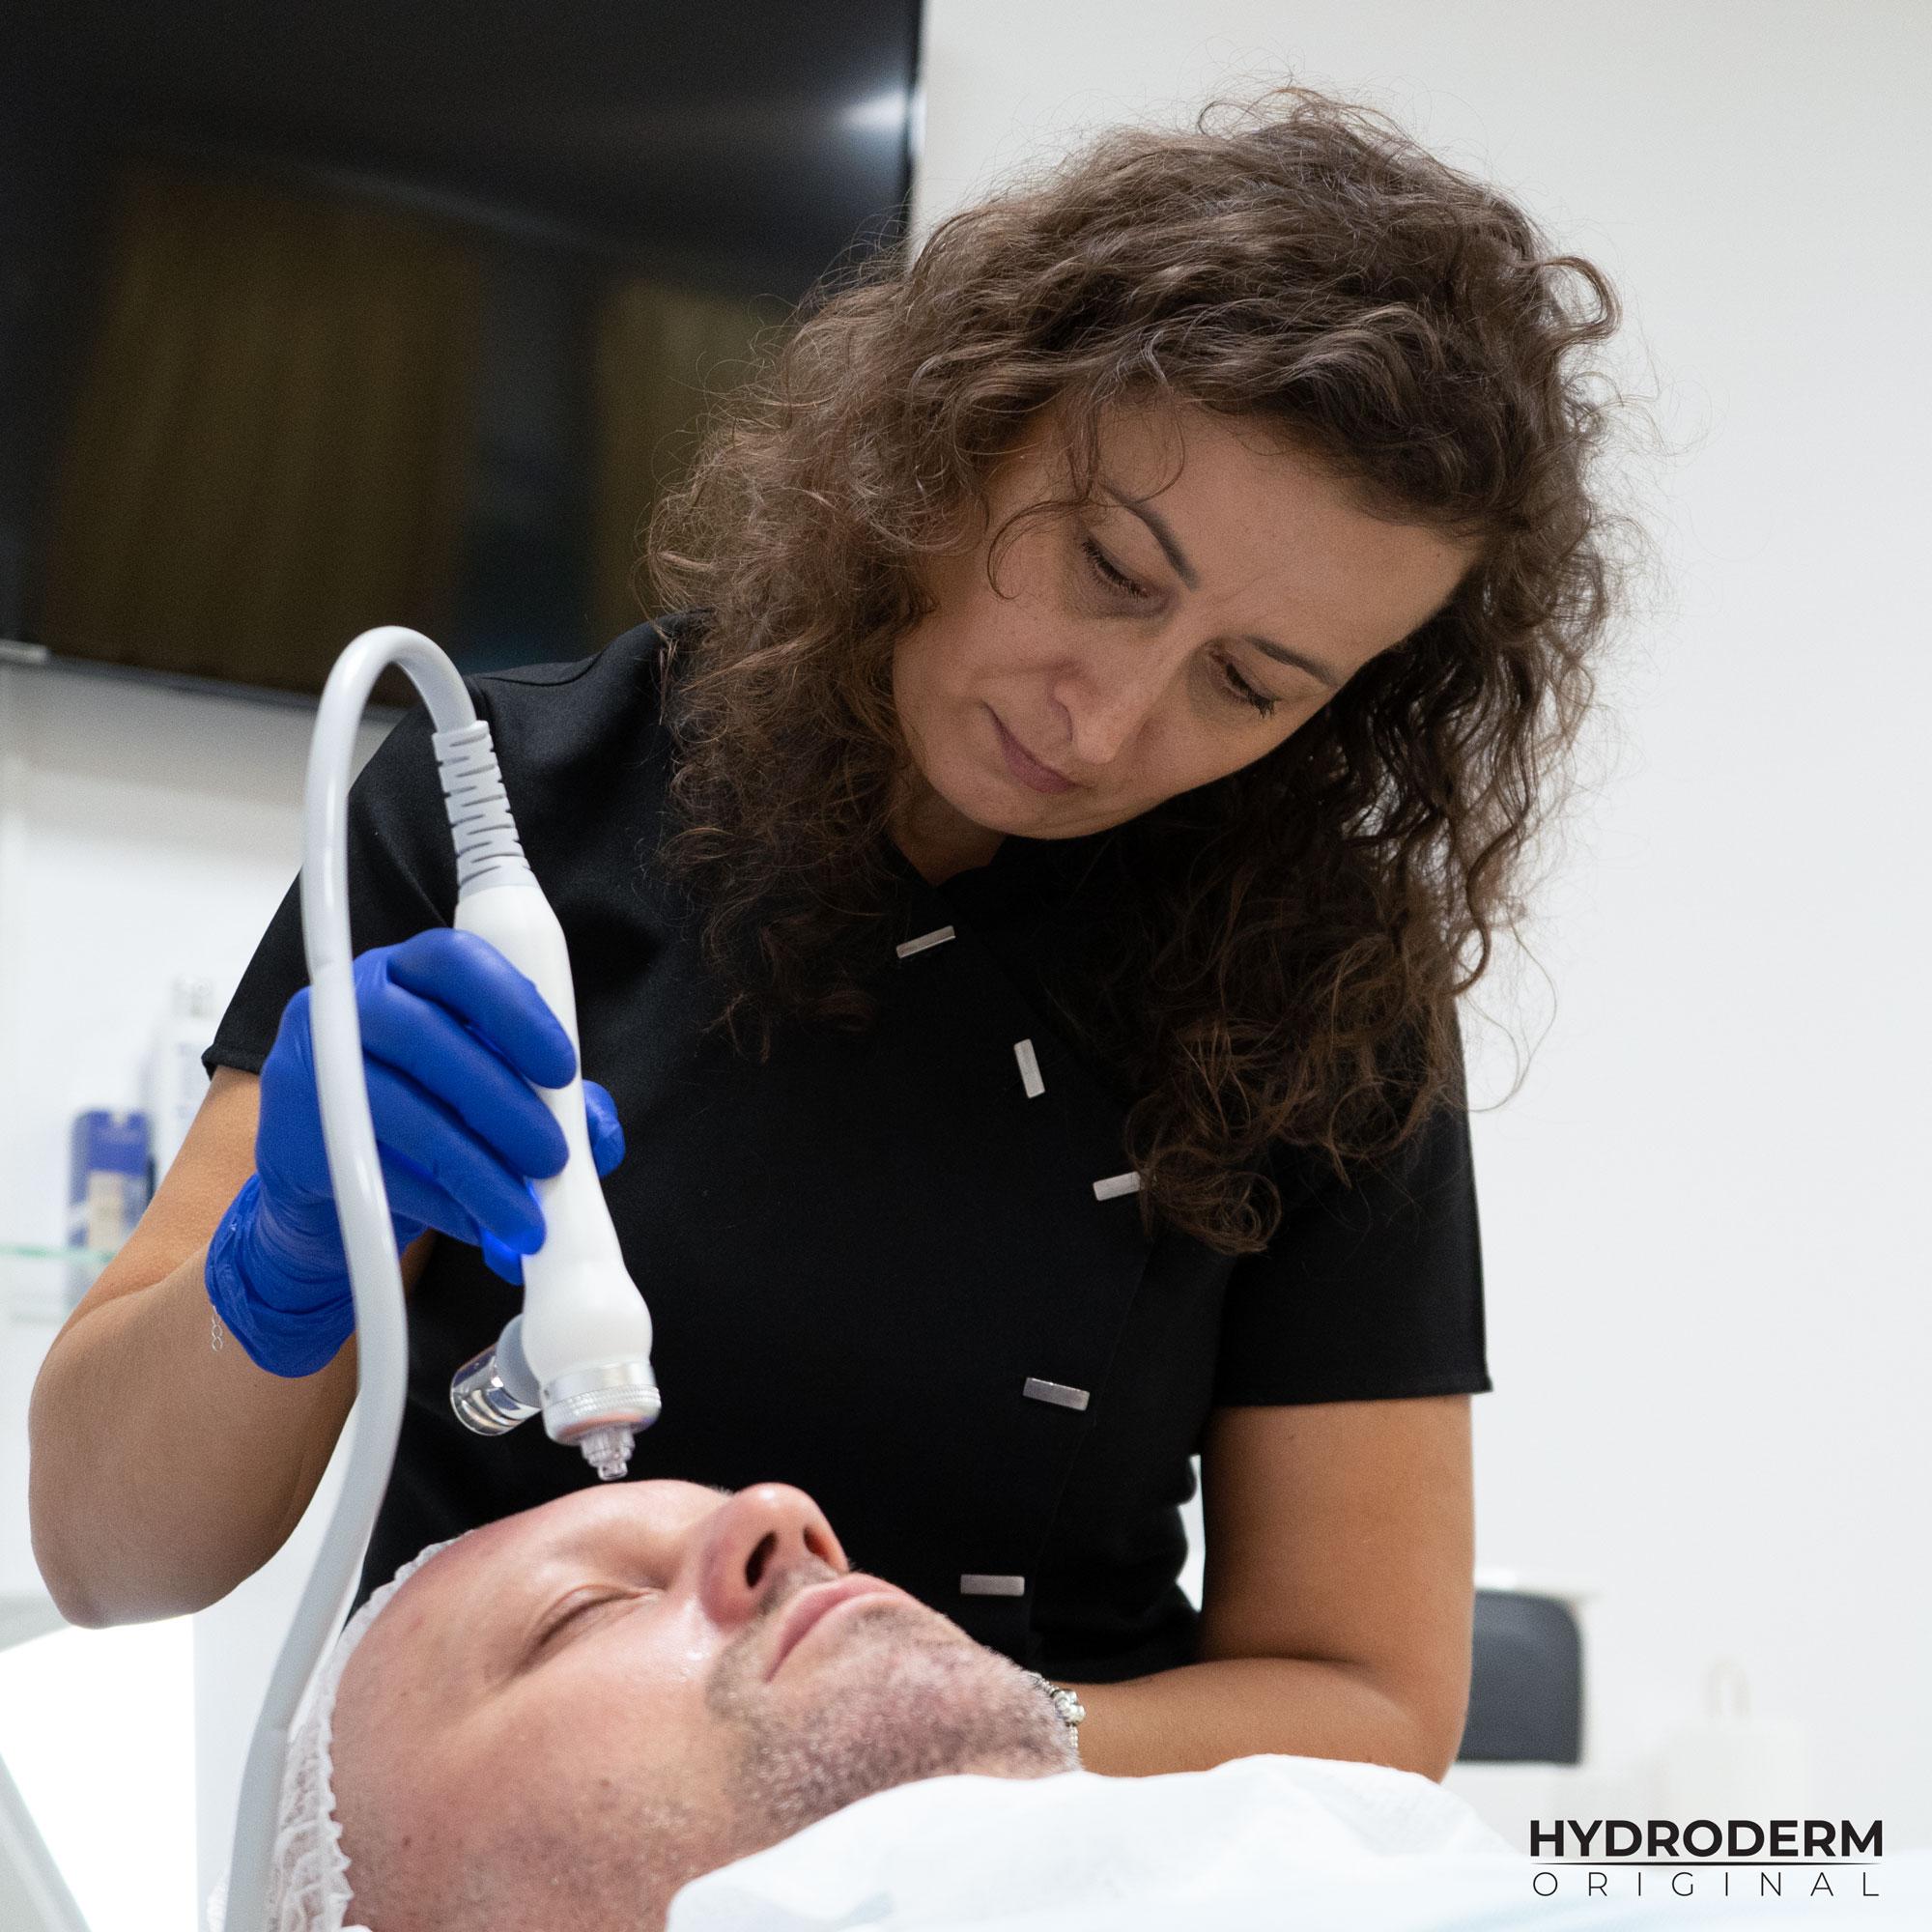 Oczyszczanie wodorem efektywnie zastępuje inwazyjny zabieg mikrodermabrazji dla twarzy